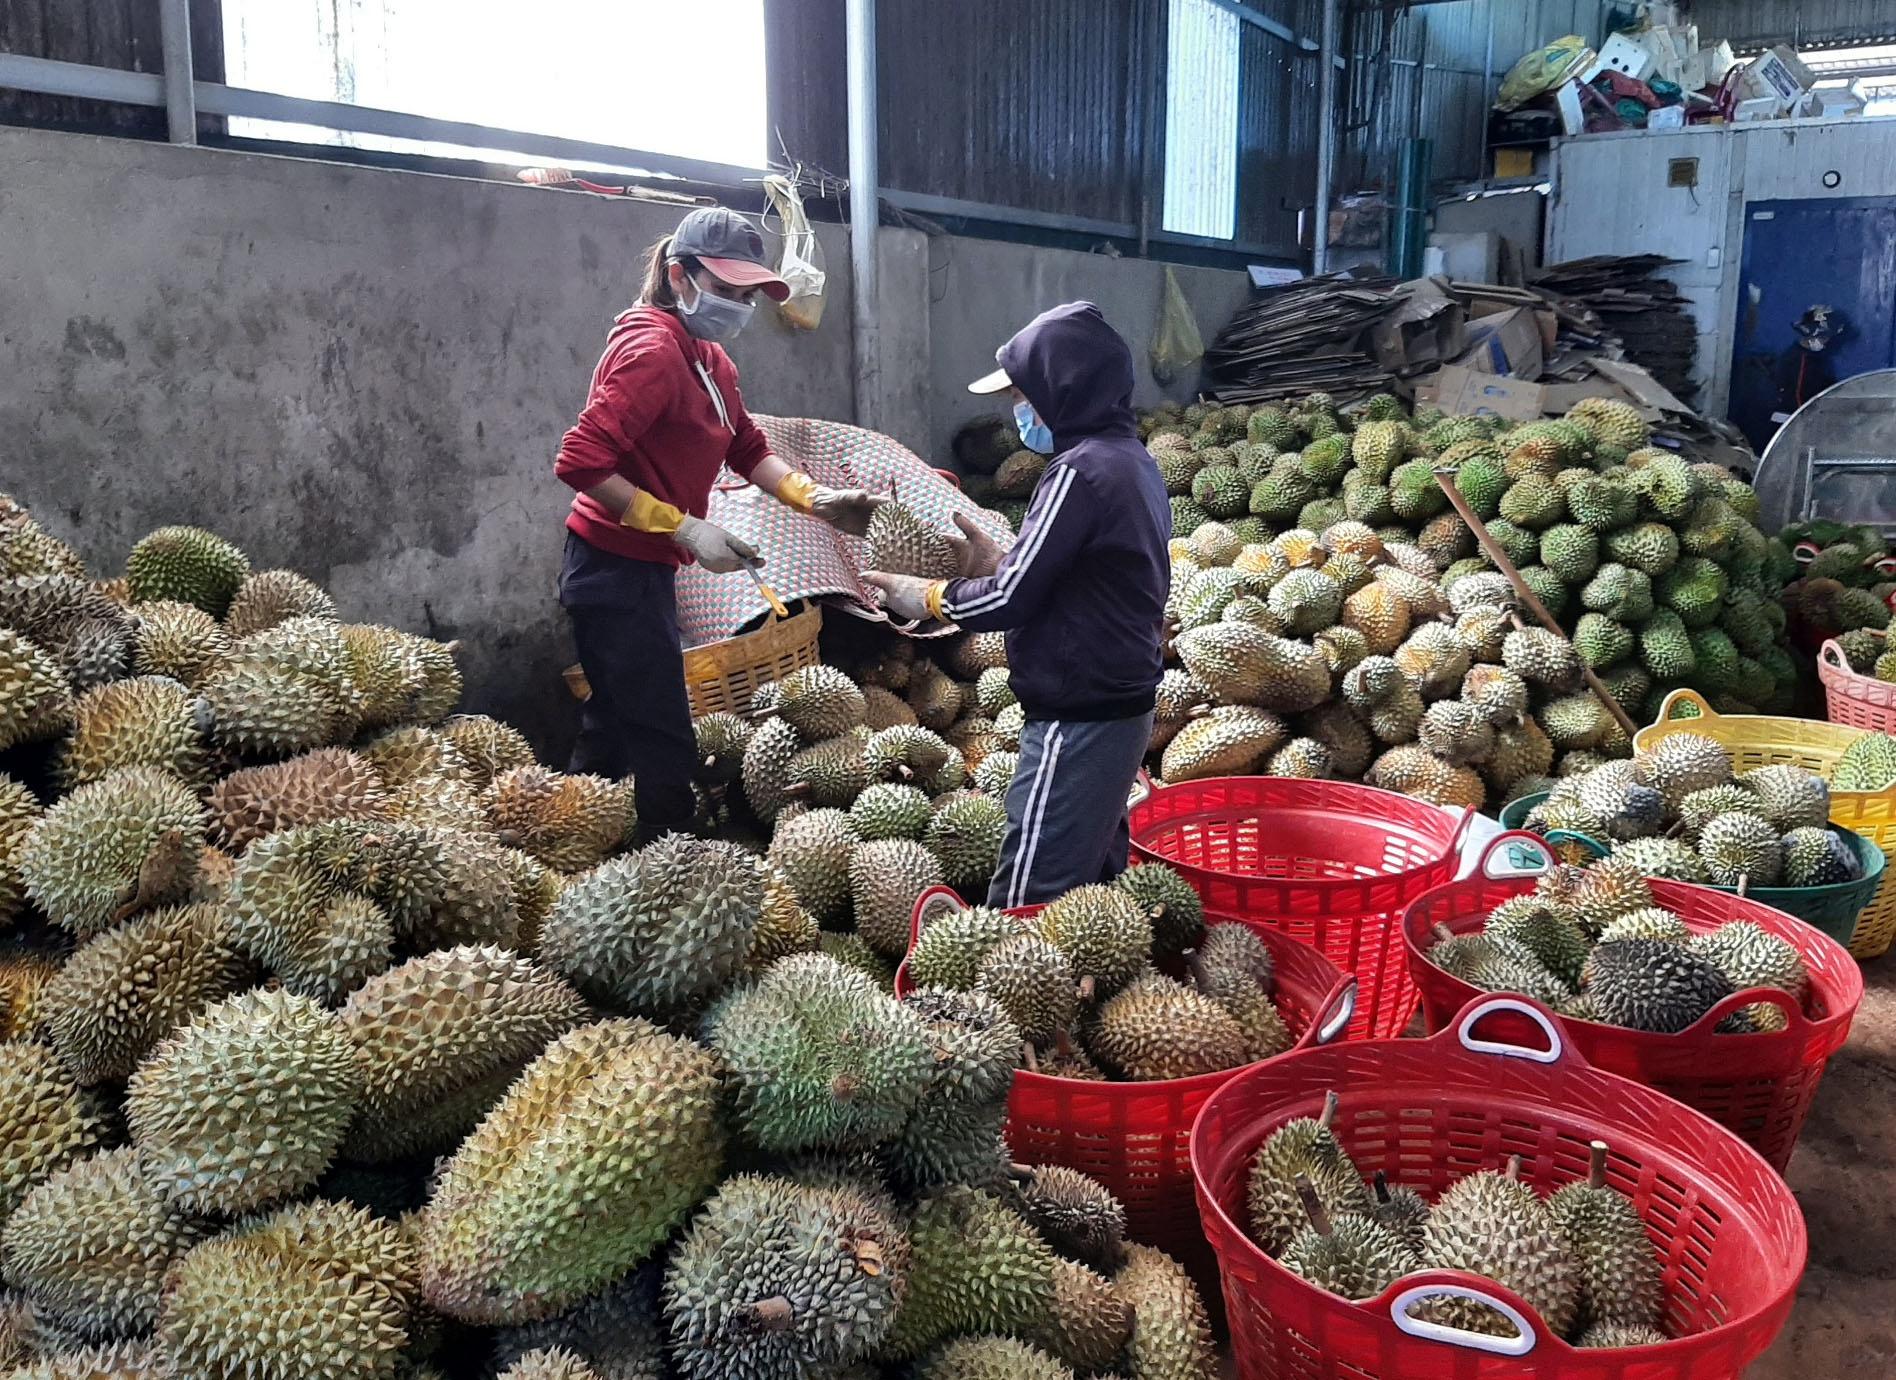 Sầu riêng ở Đắk Lắk vào vụ thu hoạch nhưng sức mua của các đại lý thấp do tiêu thụ chậm. Ảnh: Trung Chuyên